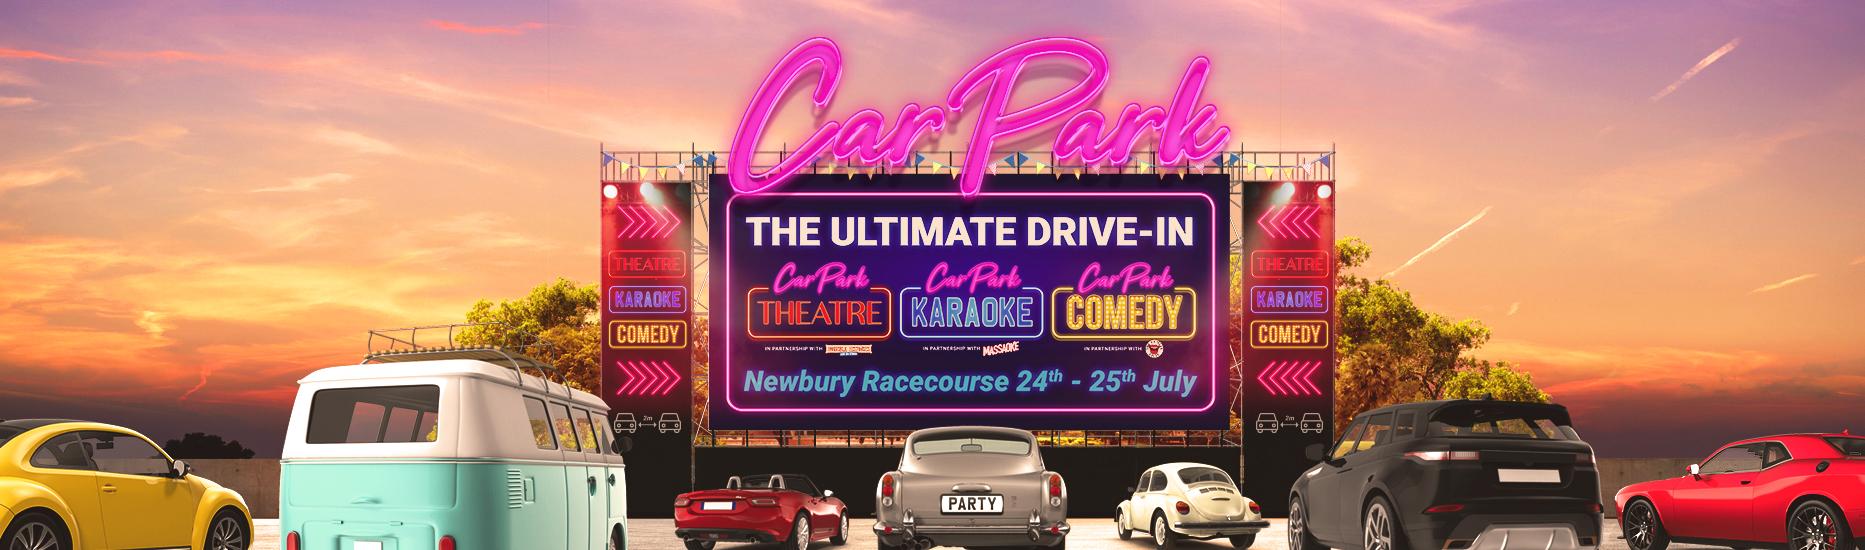 Car Park Party